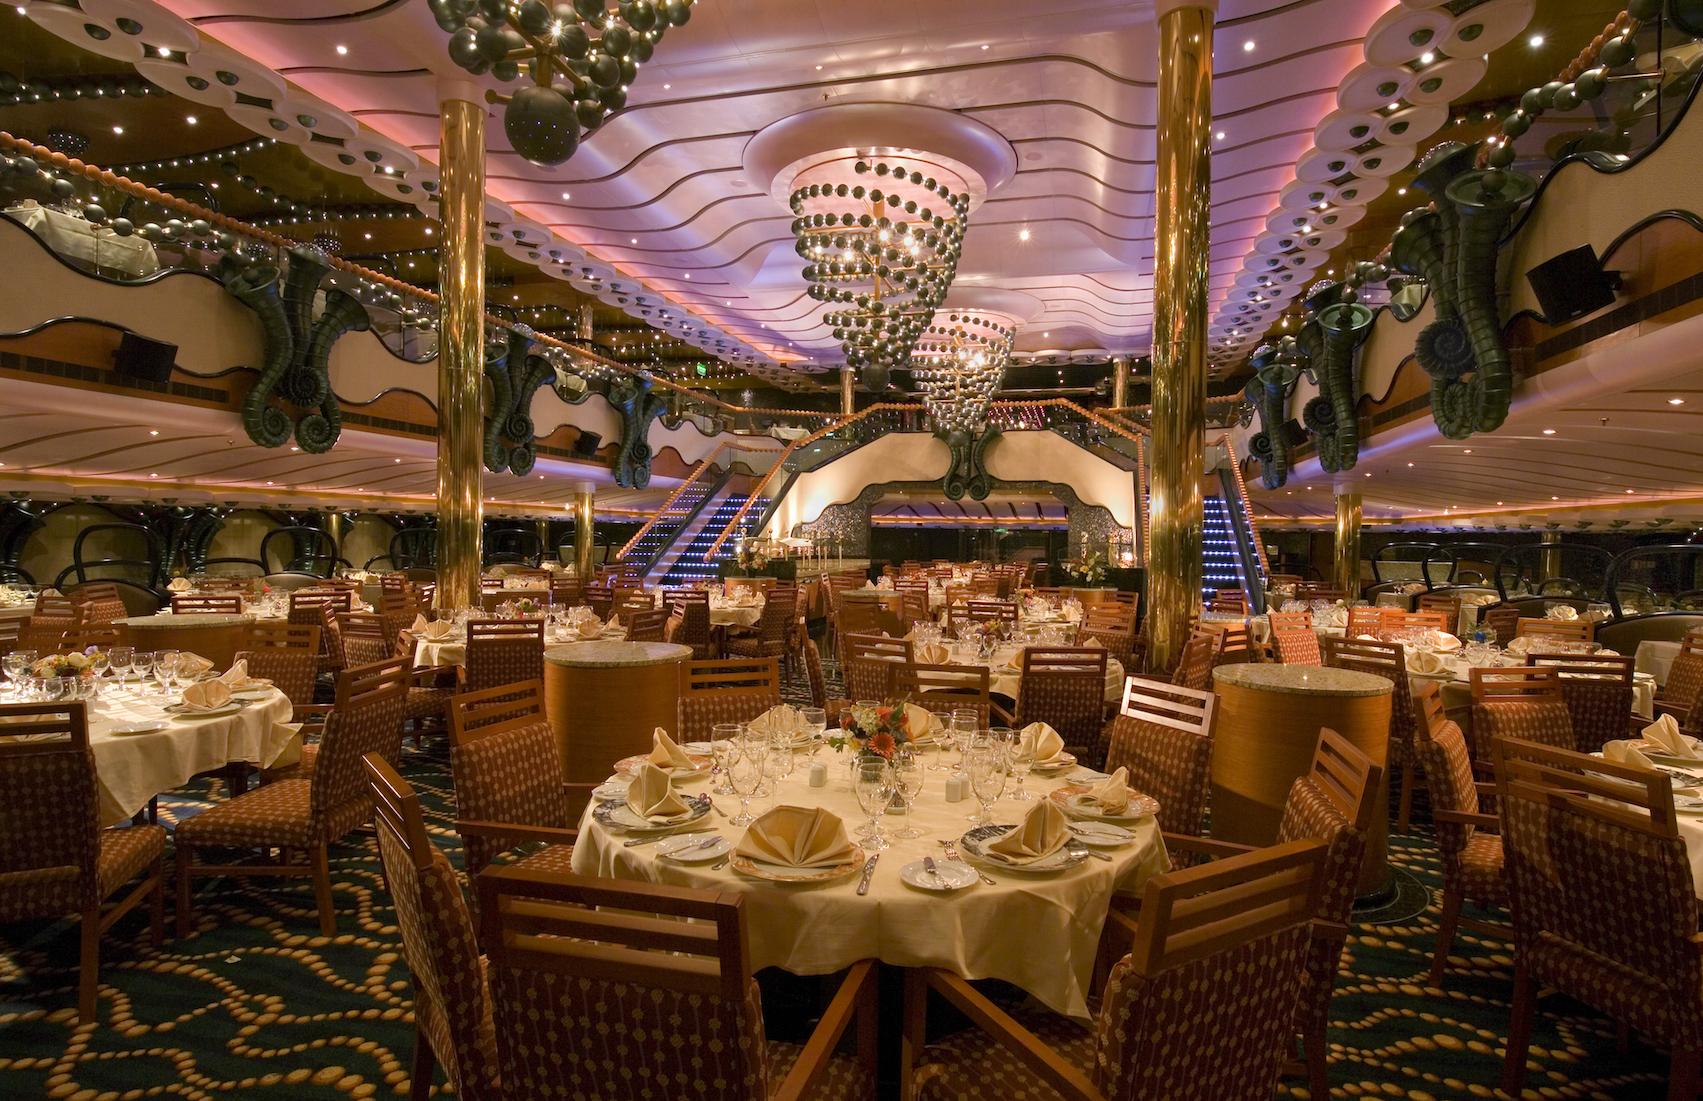 Carnival Splendor The Black Pearl Restaurant 1.jpg